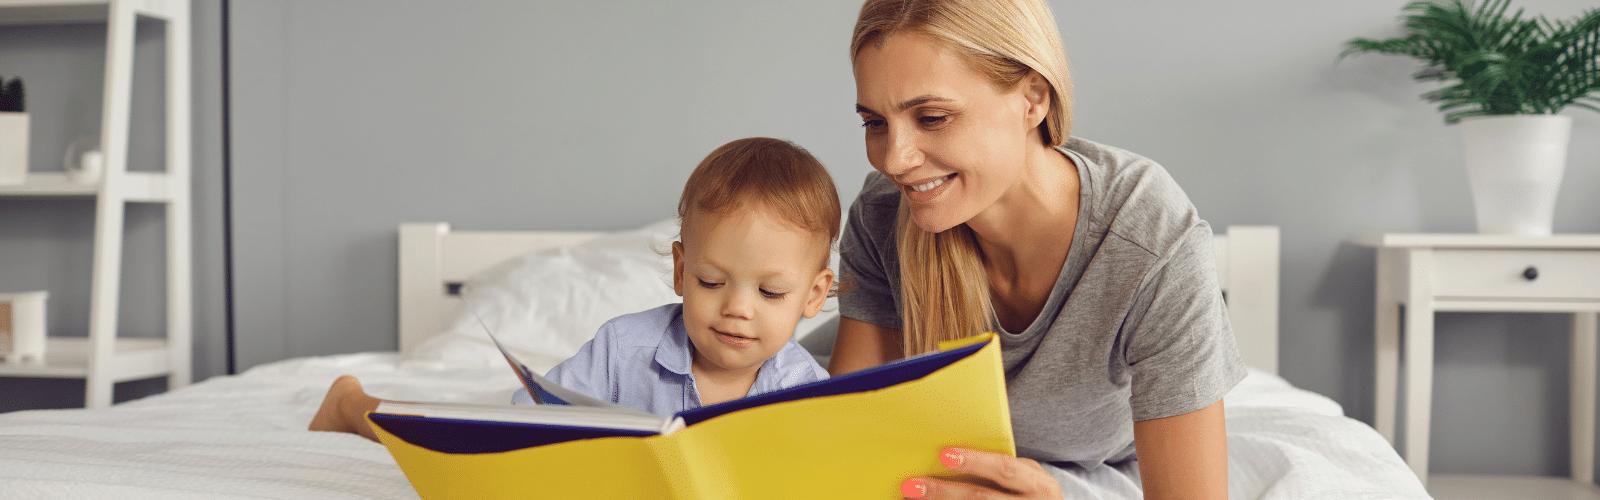 Les meilleurs livres pour enfants : notre top 14 à découvrir !